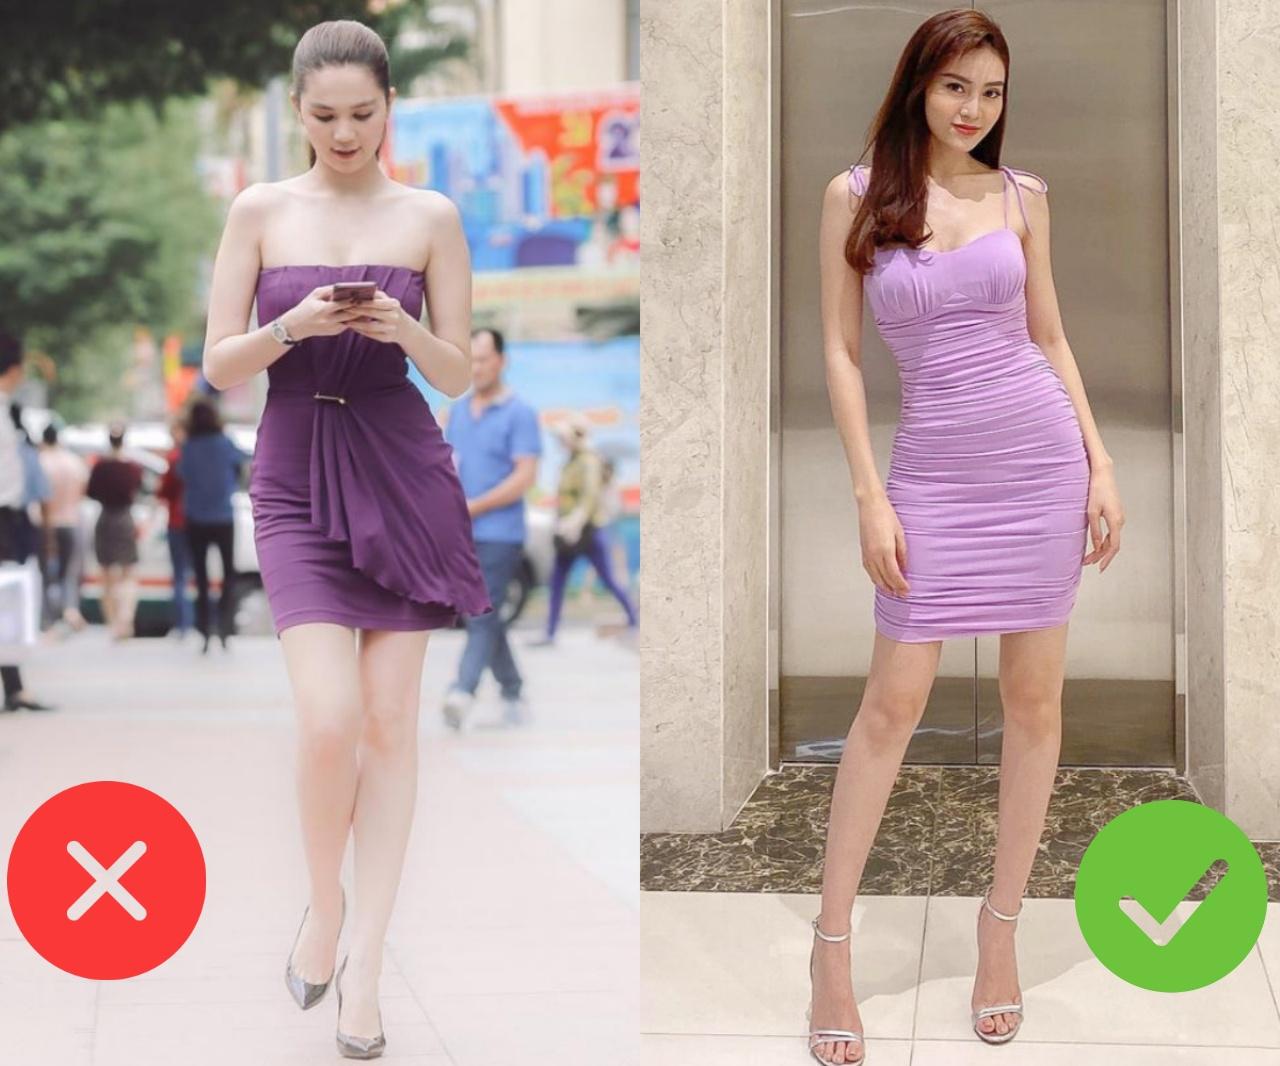 Hot nhất năm nay chính là trang phục màu tím nhưng để diện đẹp mà không sến thì các nàng cần tránh 3 sai lầm sau - Ảnh 1.